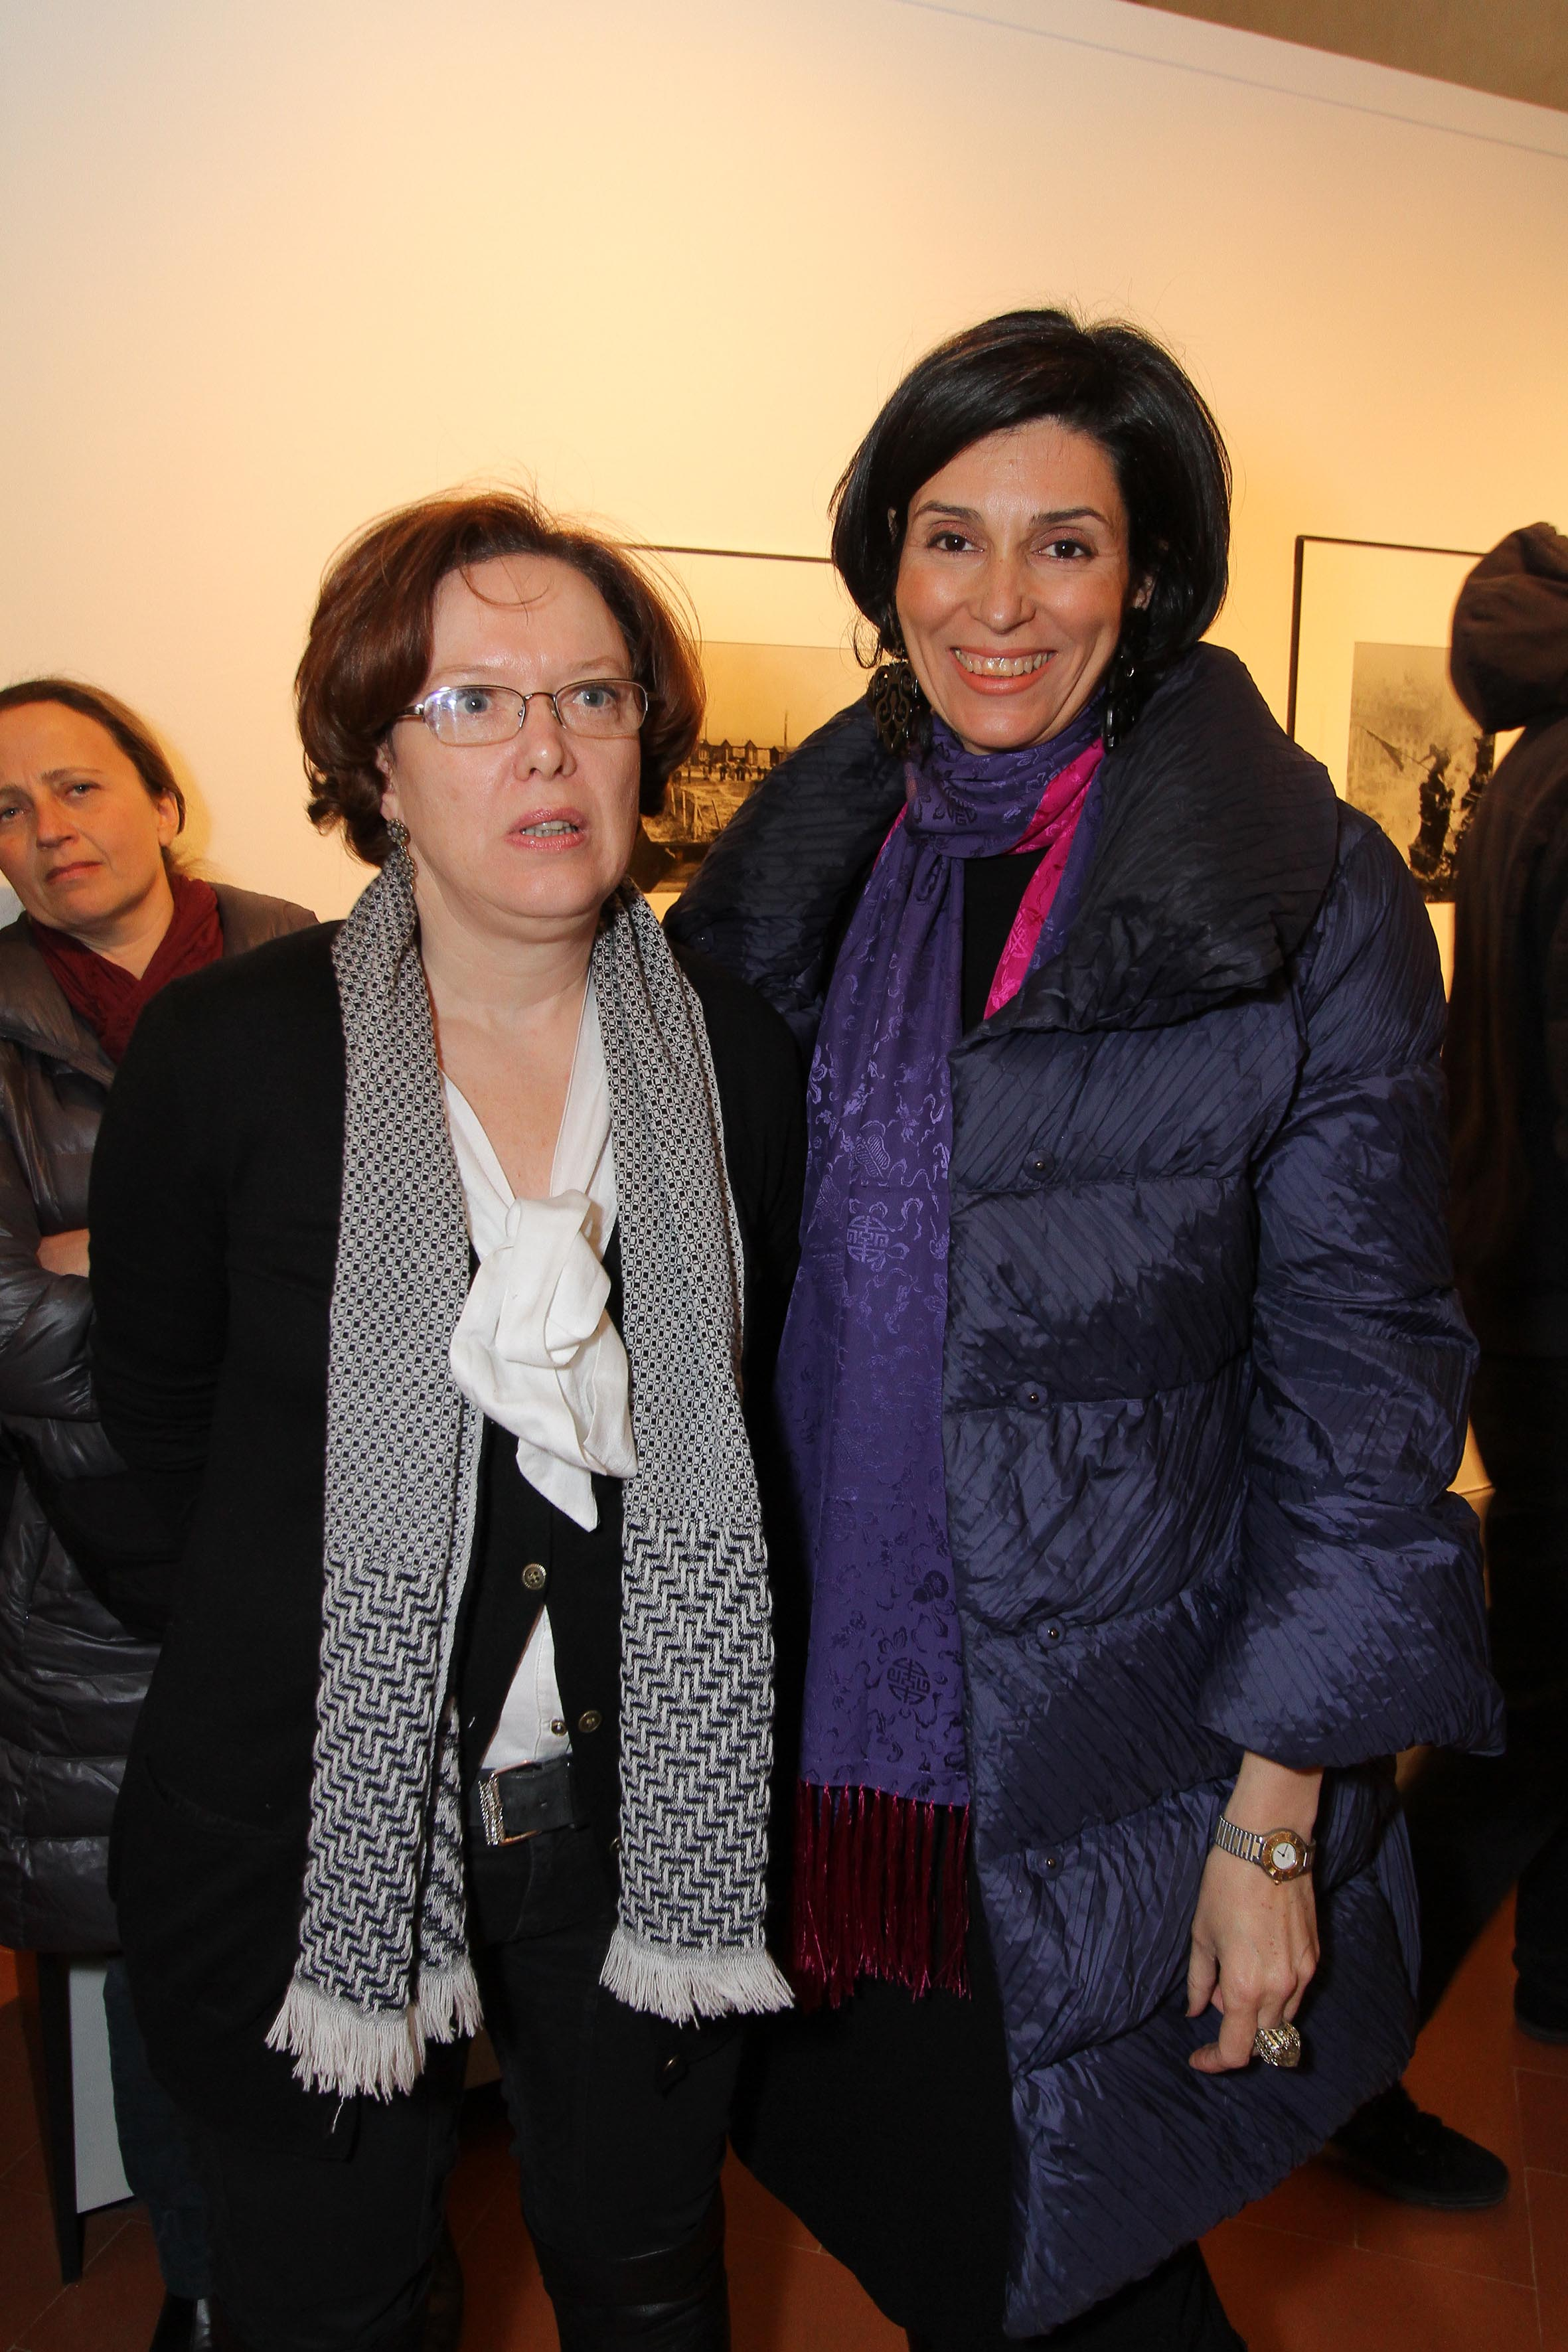 PRESSPHOTO Firenze, Museo Alinari, mostra fotografica Controverses. nella foto Cecilia Sandroni e Monica Maffioli